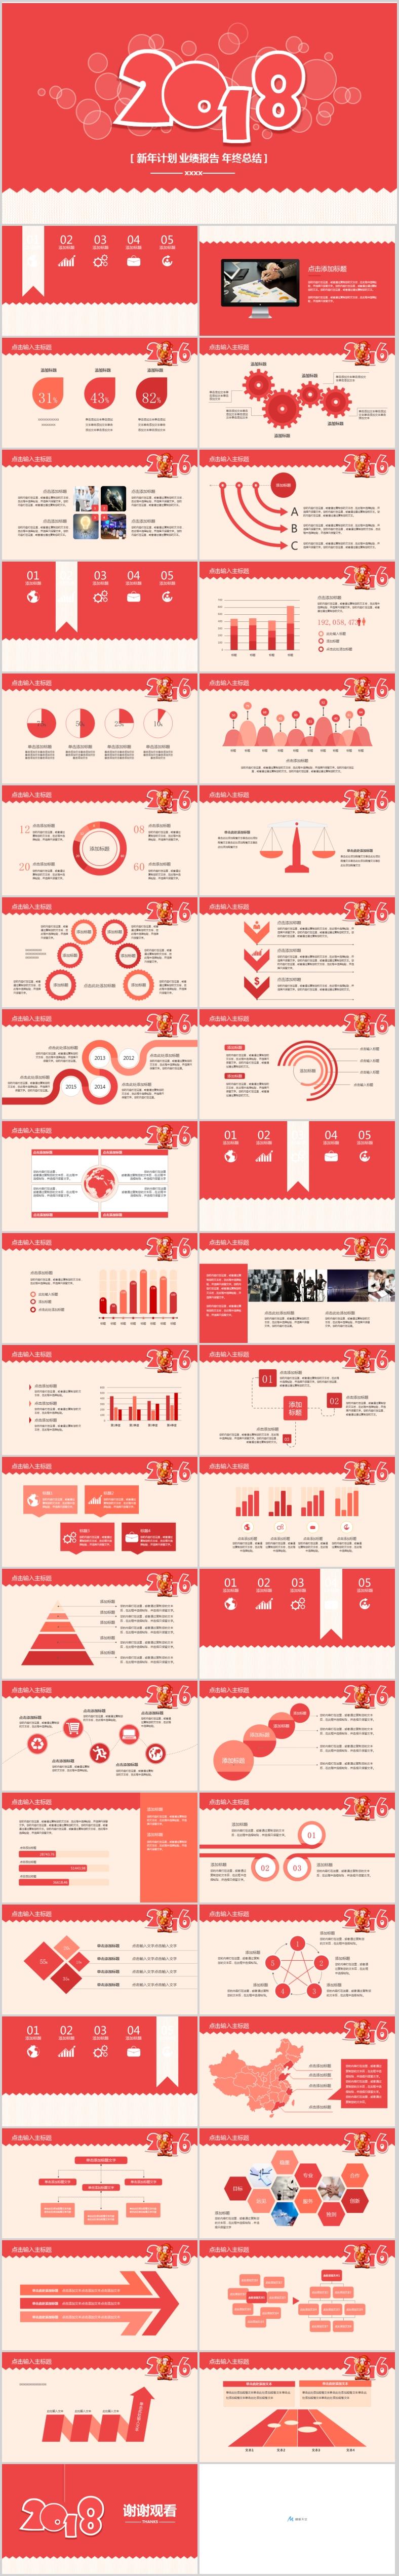 2018红色新年计划业绩报告年终总结PPT模板